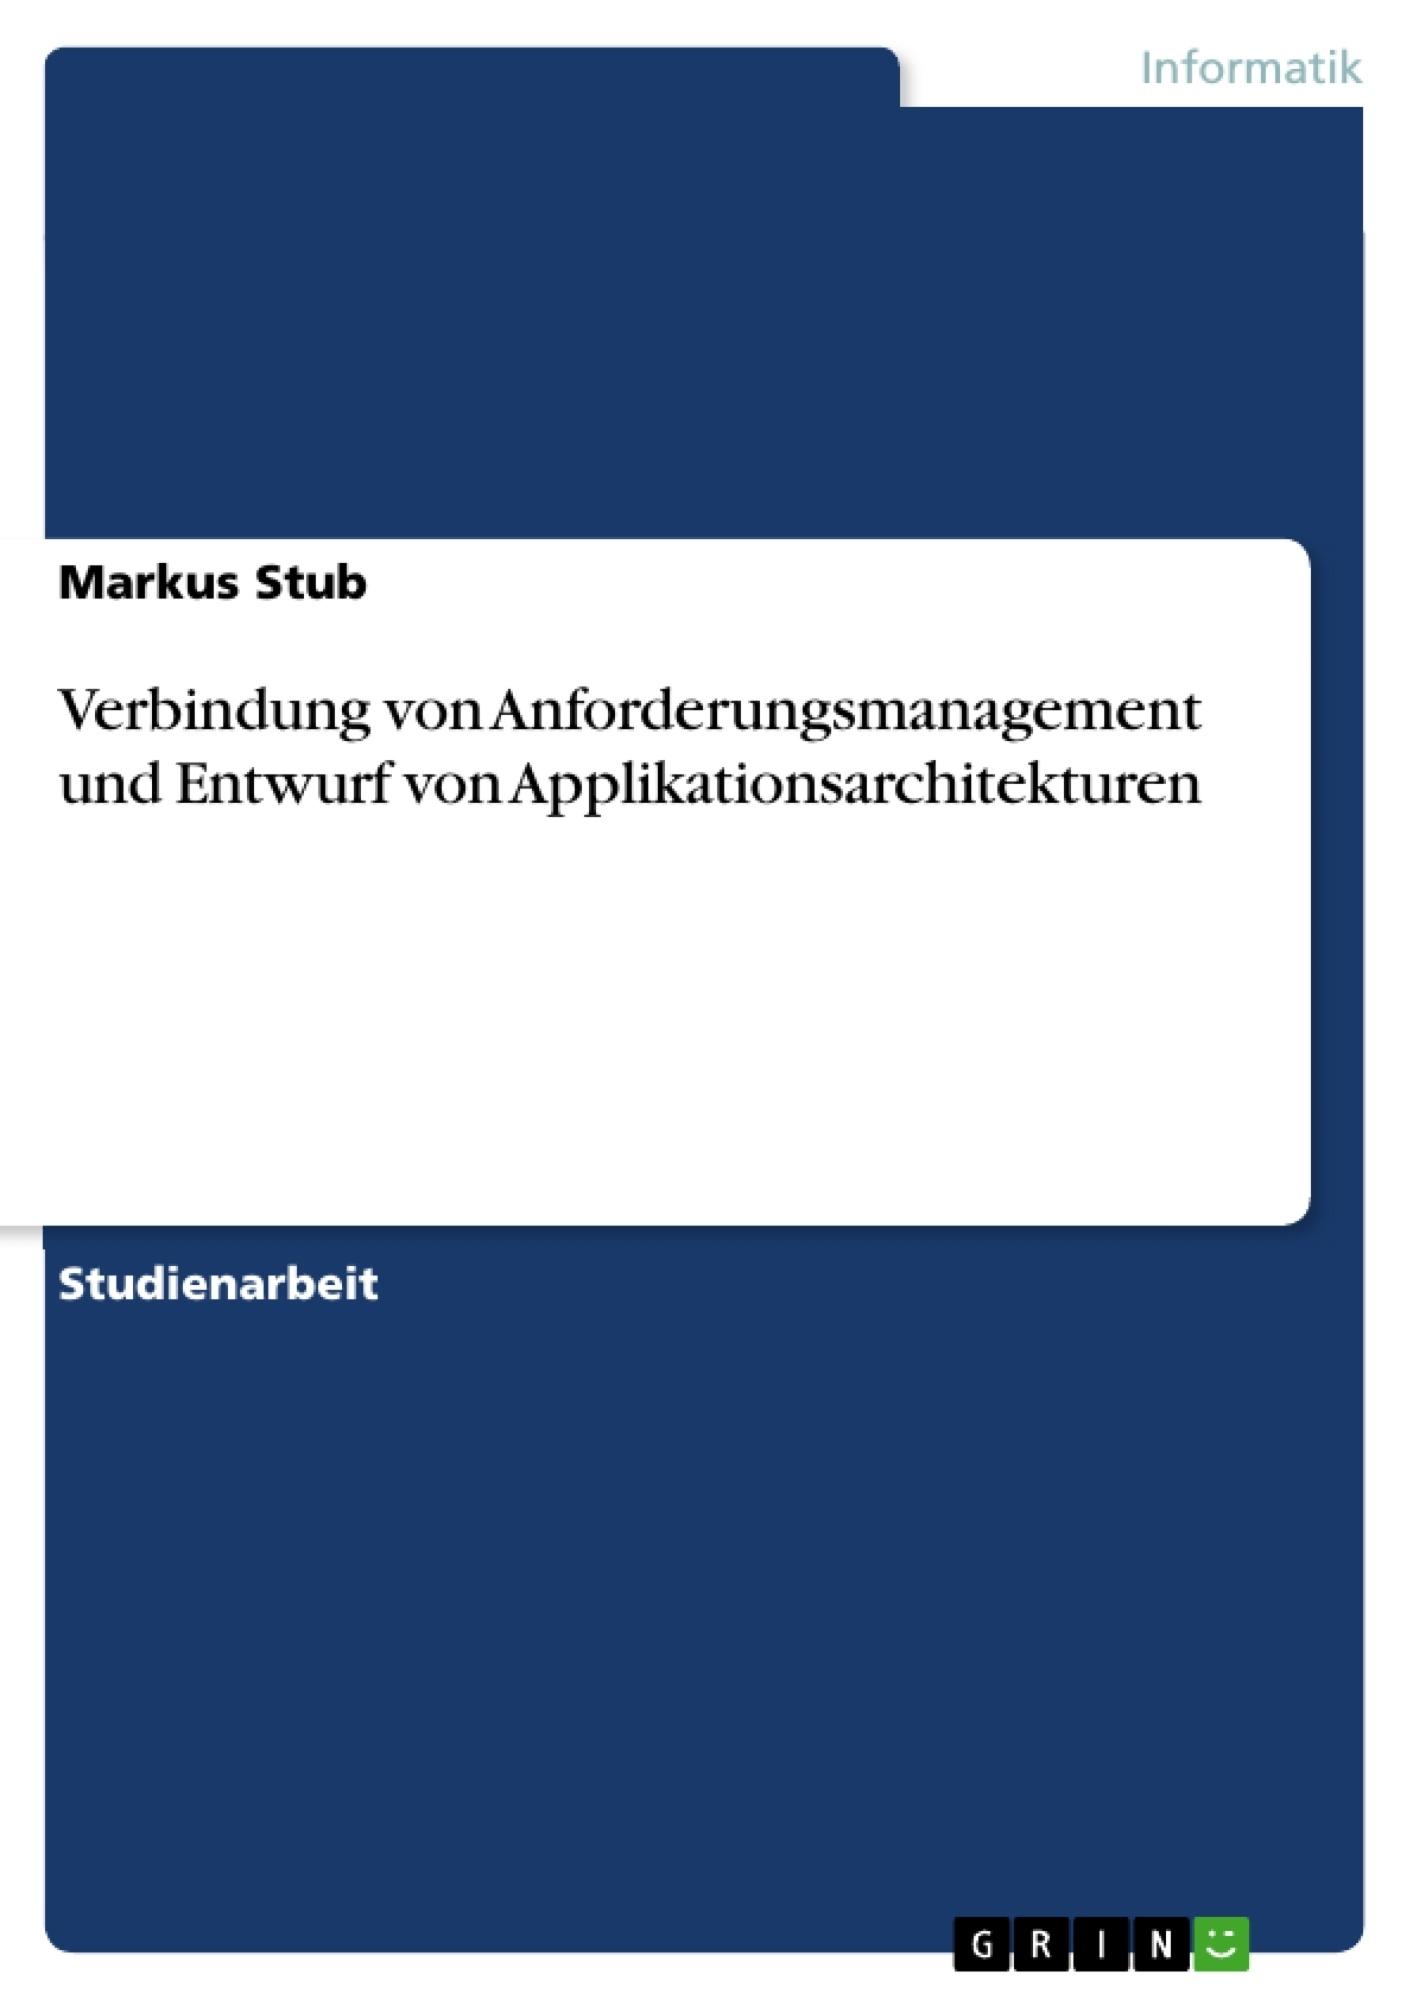 Titel: Verbindung von Anforderungsmanagement und Entwurf von Applikationsarchitekturen